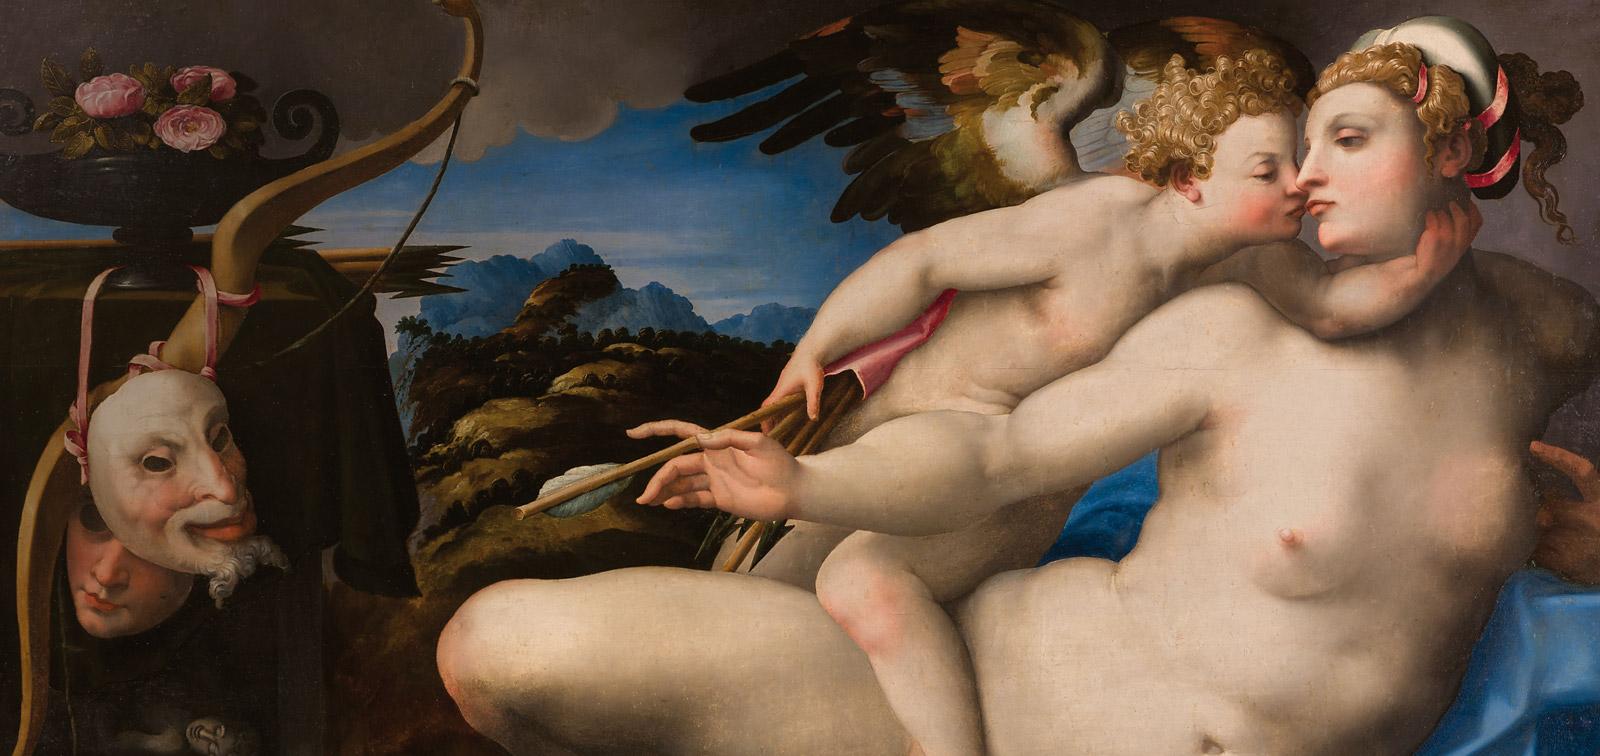 Exposición. Mythological Passions: Tiziano, Veronese, Allori, Rubens, Ribera, Poussin, Van Dyck, Velázquez